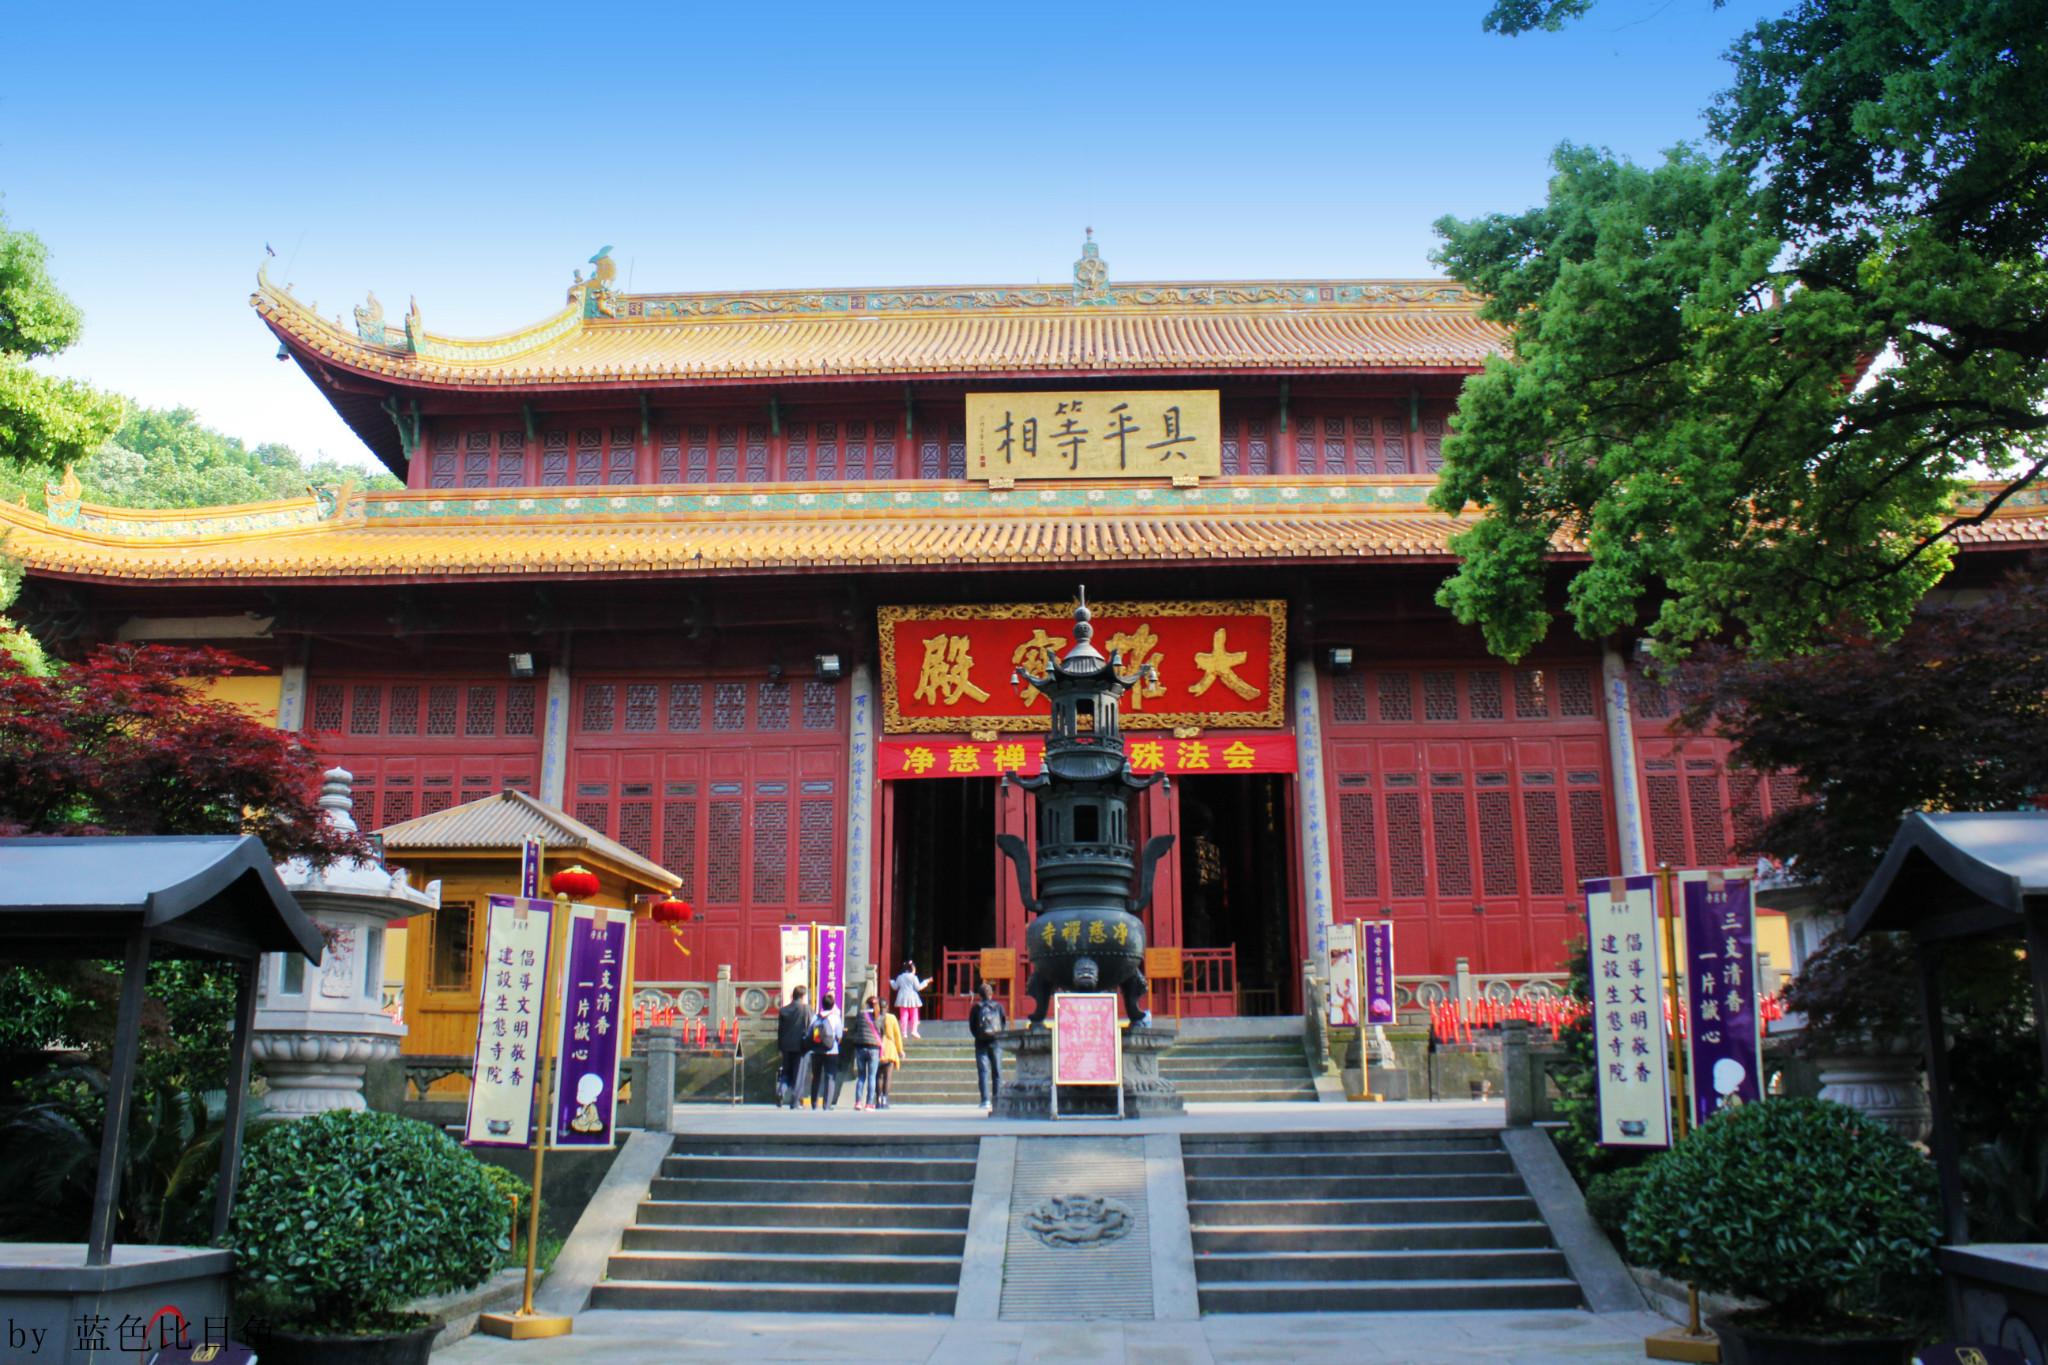 杭州净慈寺怎么走,净慈寺具体位置在哪,杭州净慈寺的公交路线